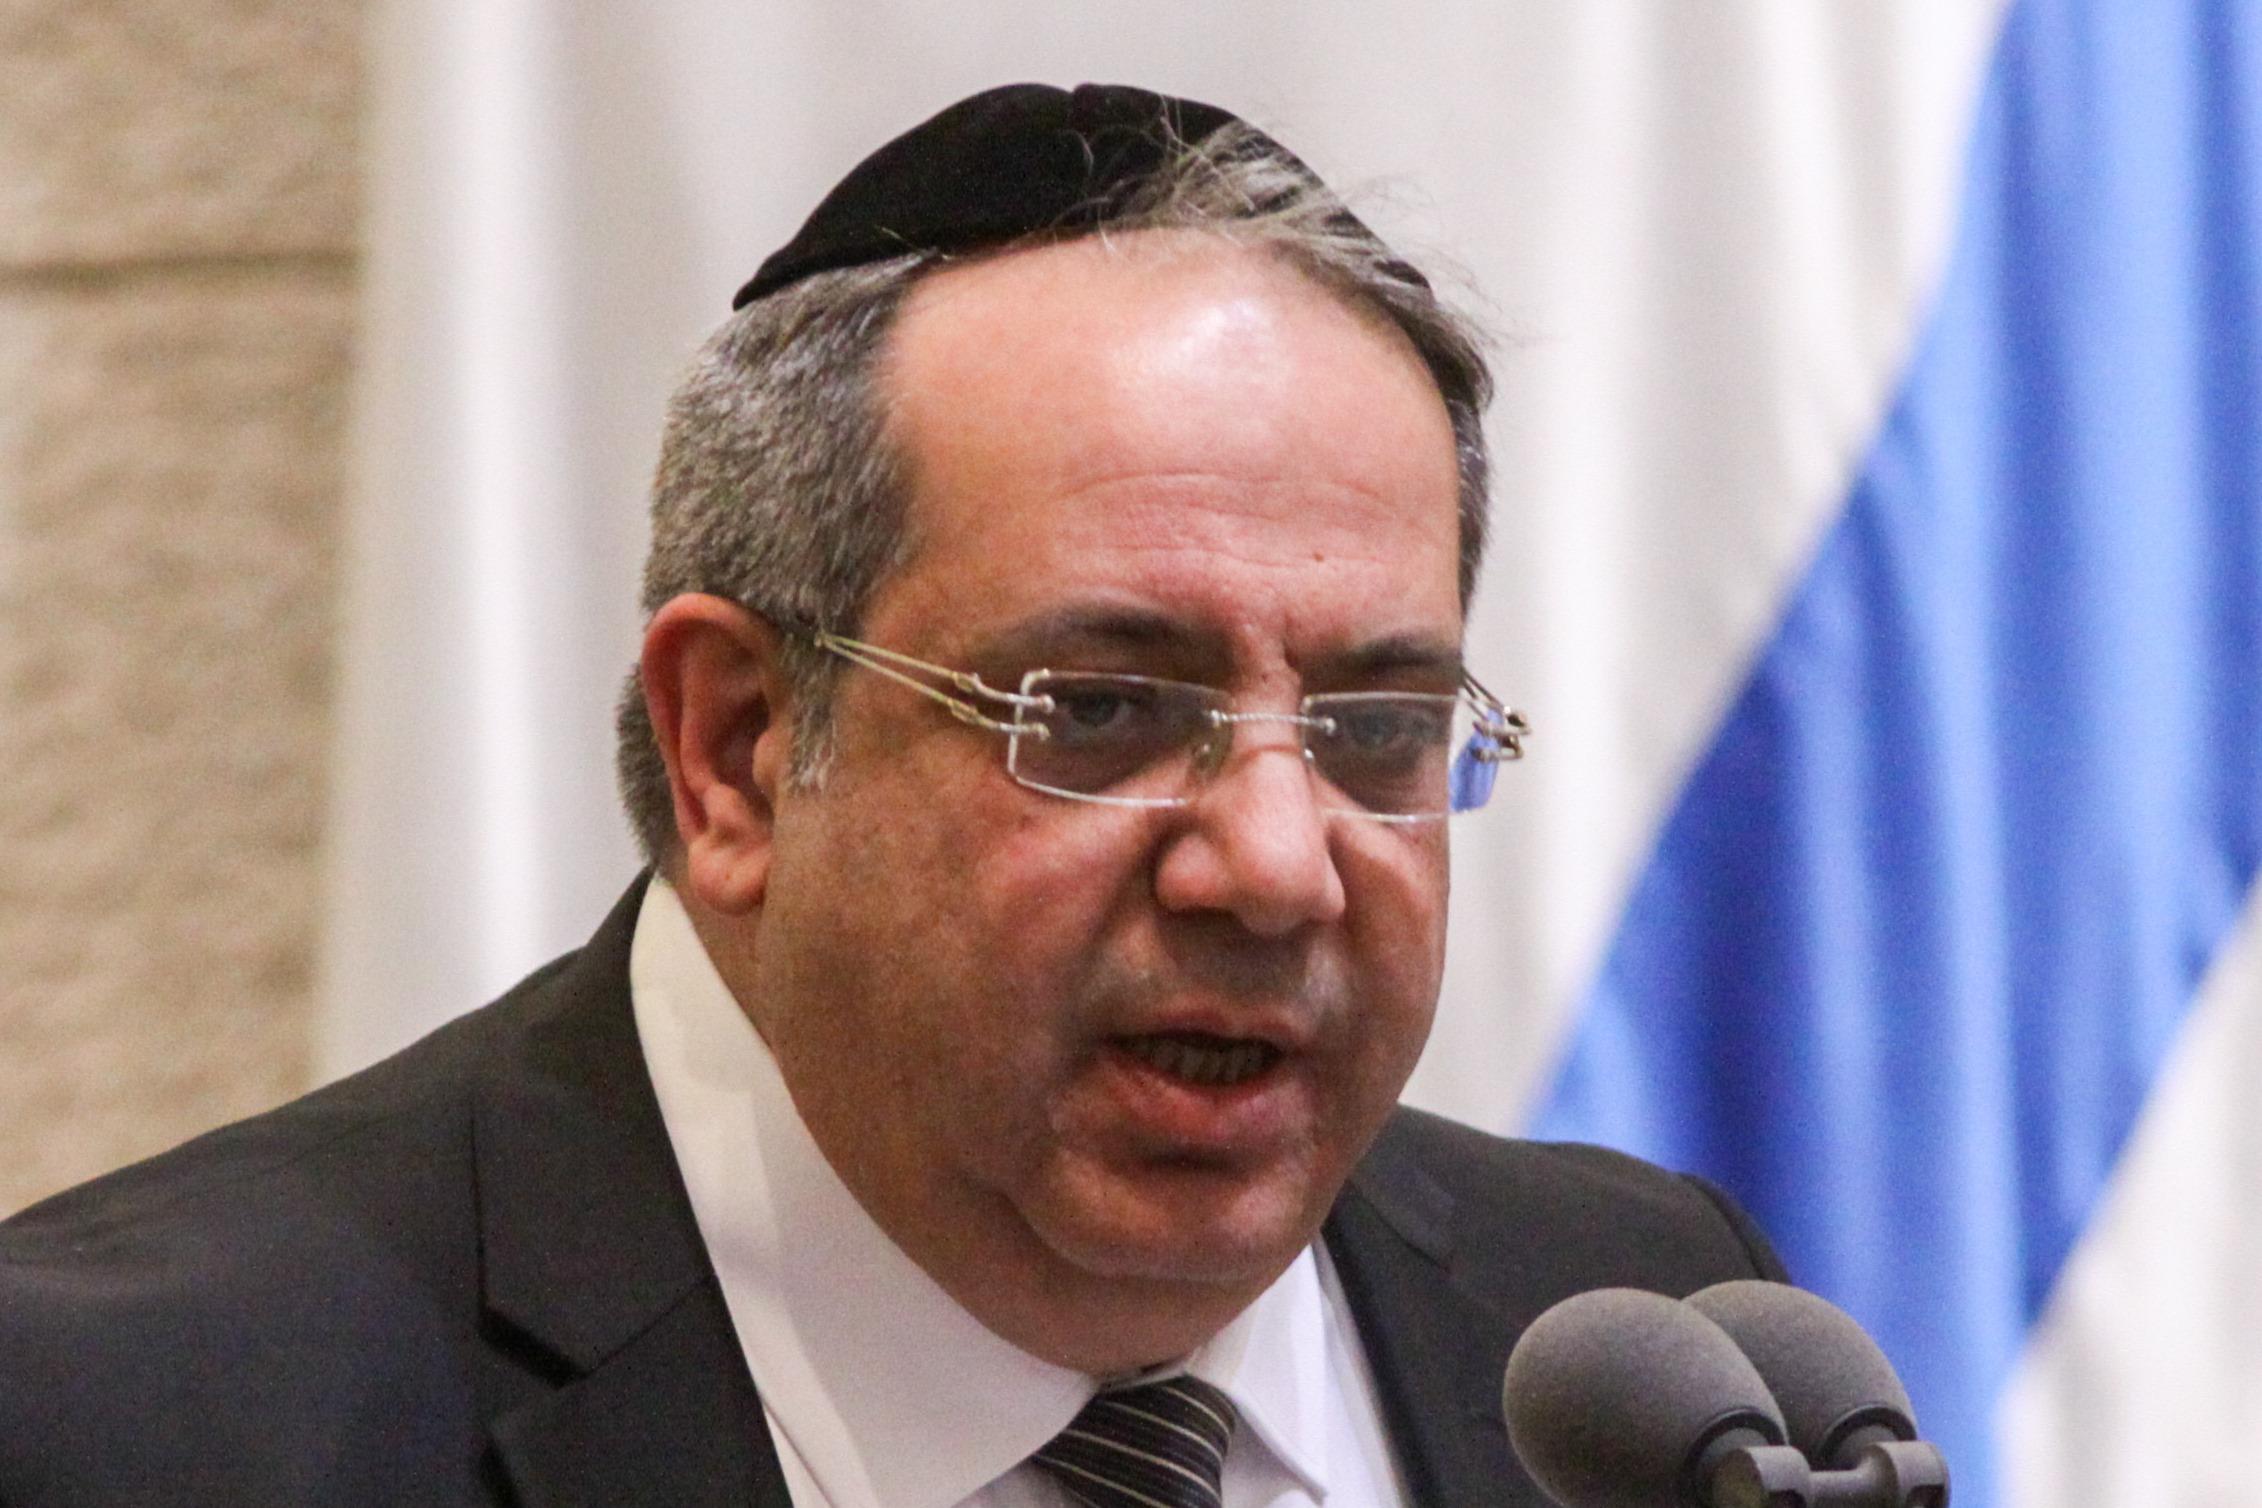 בערוץ הכנסת החליטו - גואטה הוא כוכב רשת